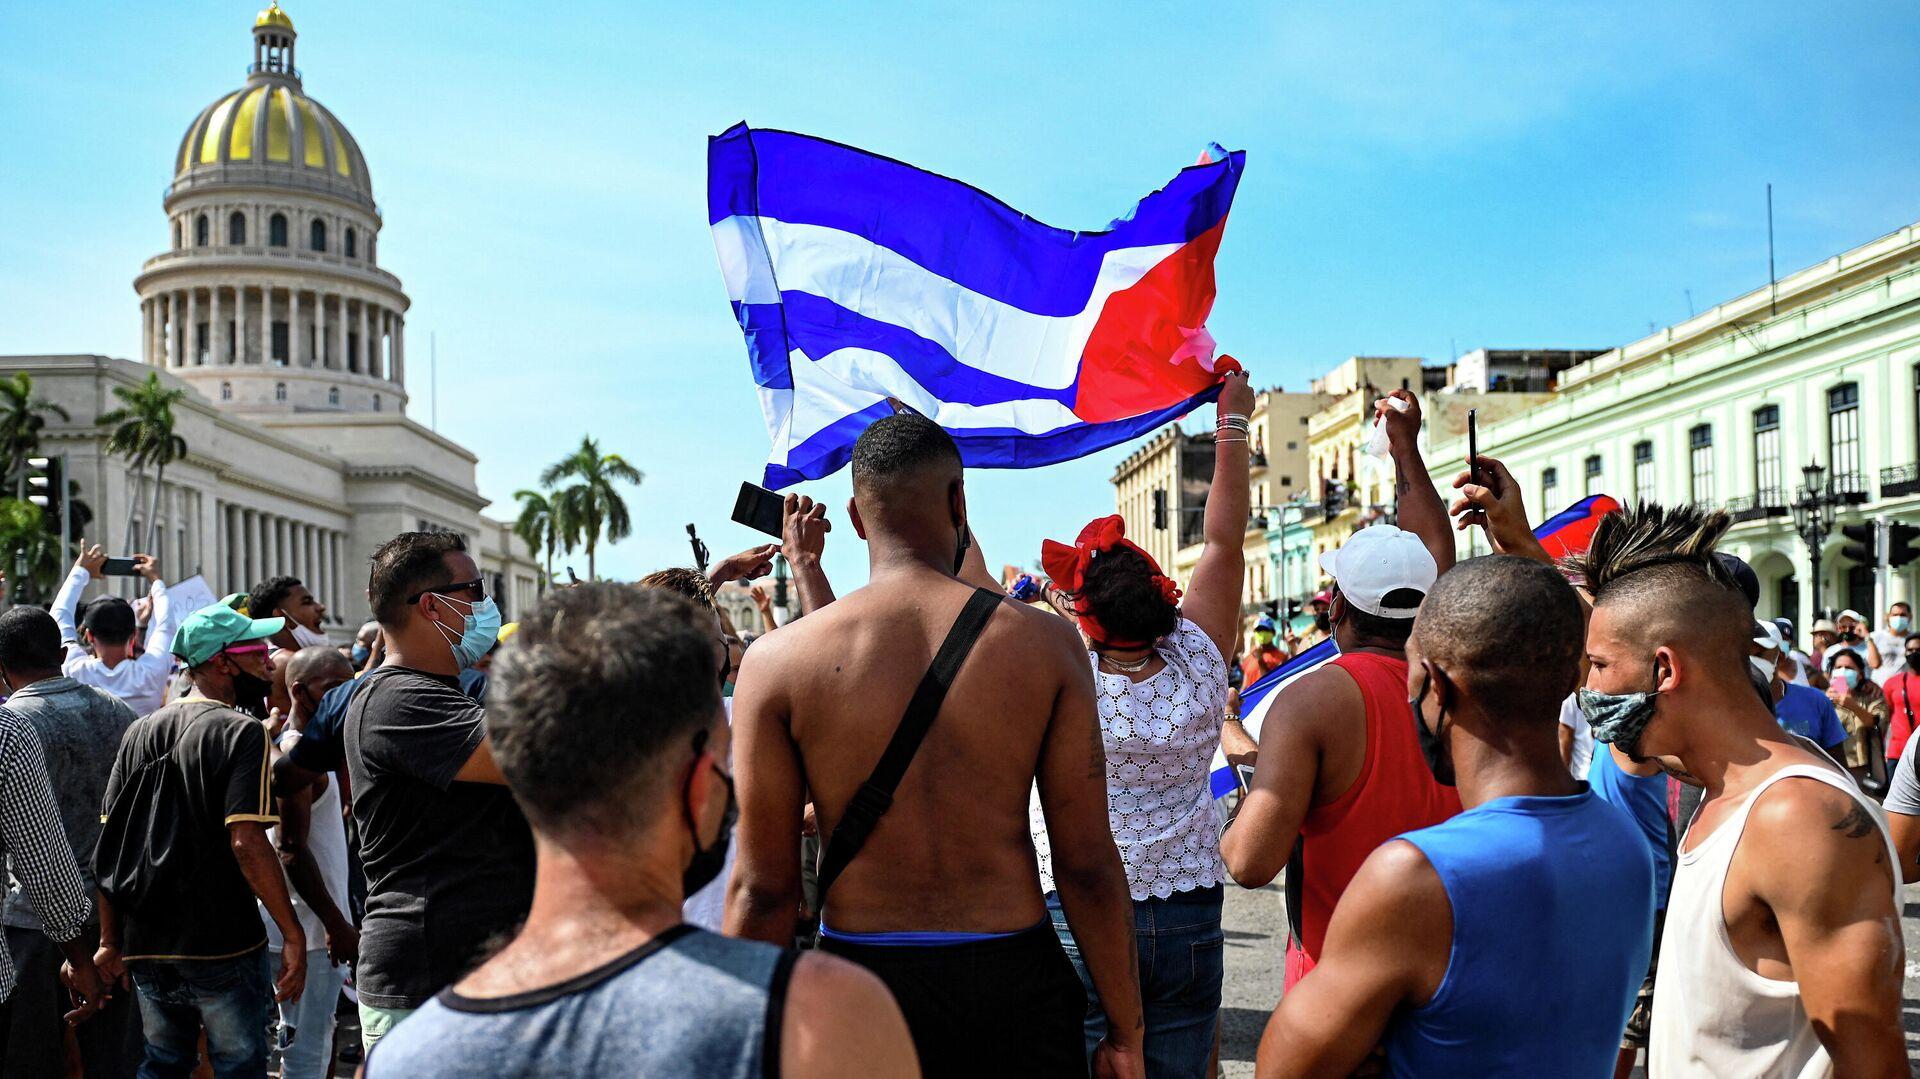 Protestas en la Habana, Cuba - Sputnik Mundo, 1920, 15.07.2021